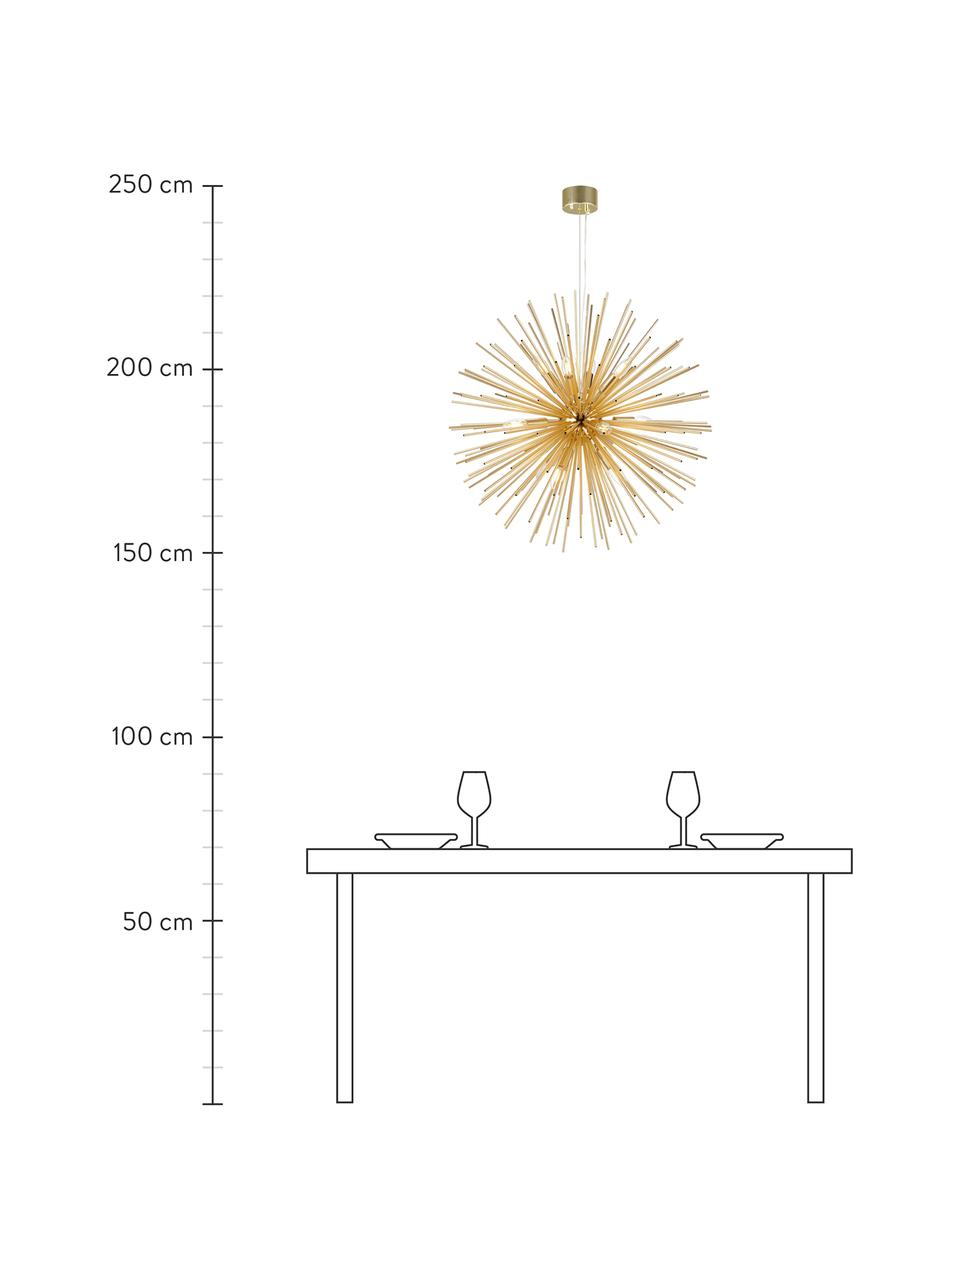 Lampada a sospensione Soleil, Paralume: metallo rivestito, Baldacchino: metallo rivestito, Ottonato, Ø 72 x Alt. 200 cm